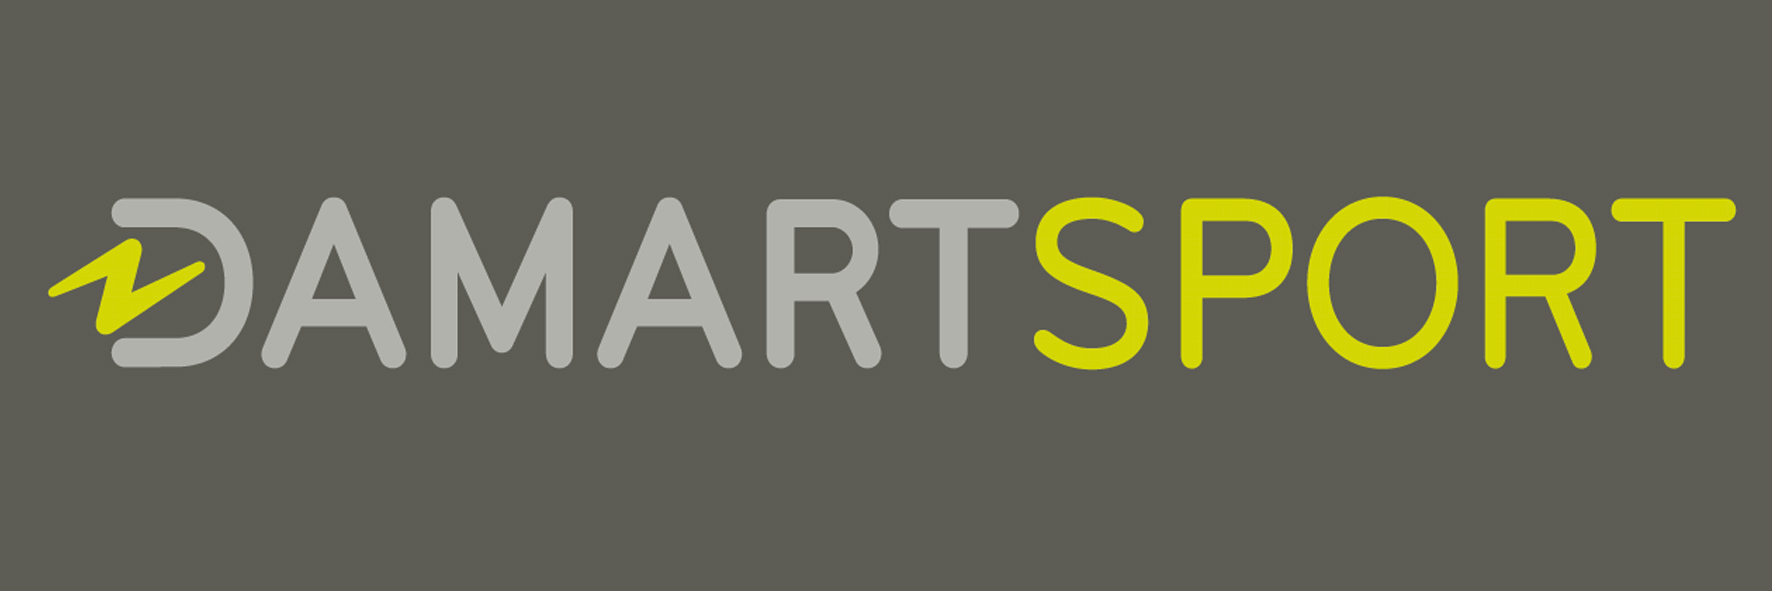 new_logo_ds_fond_gris